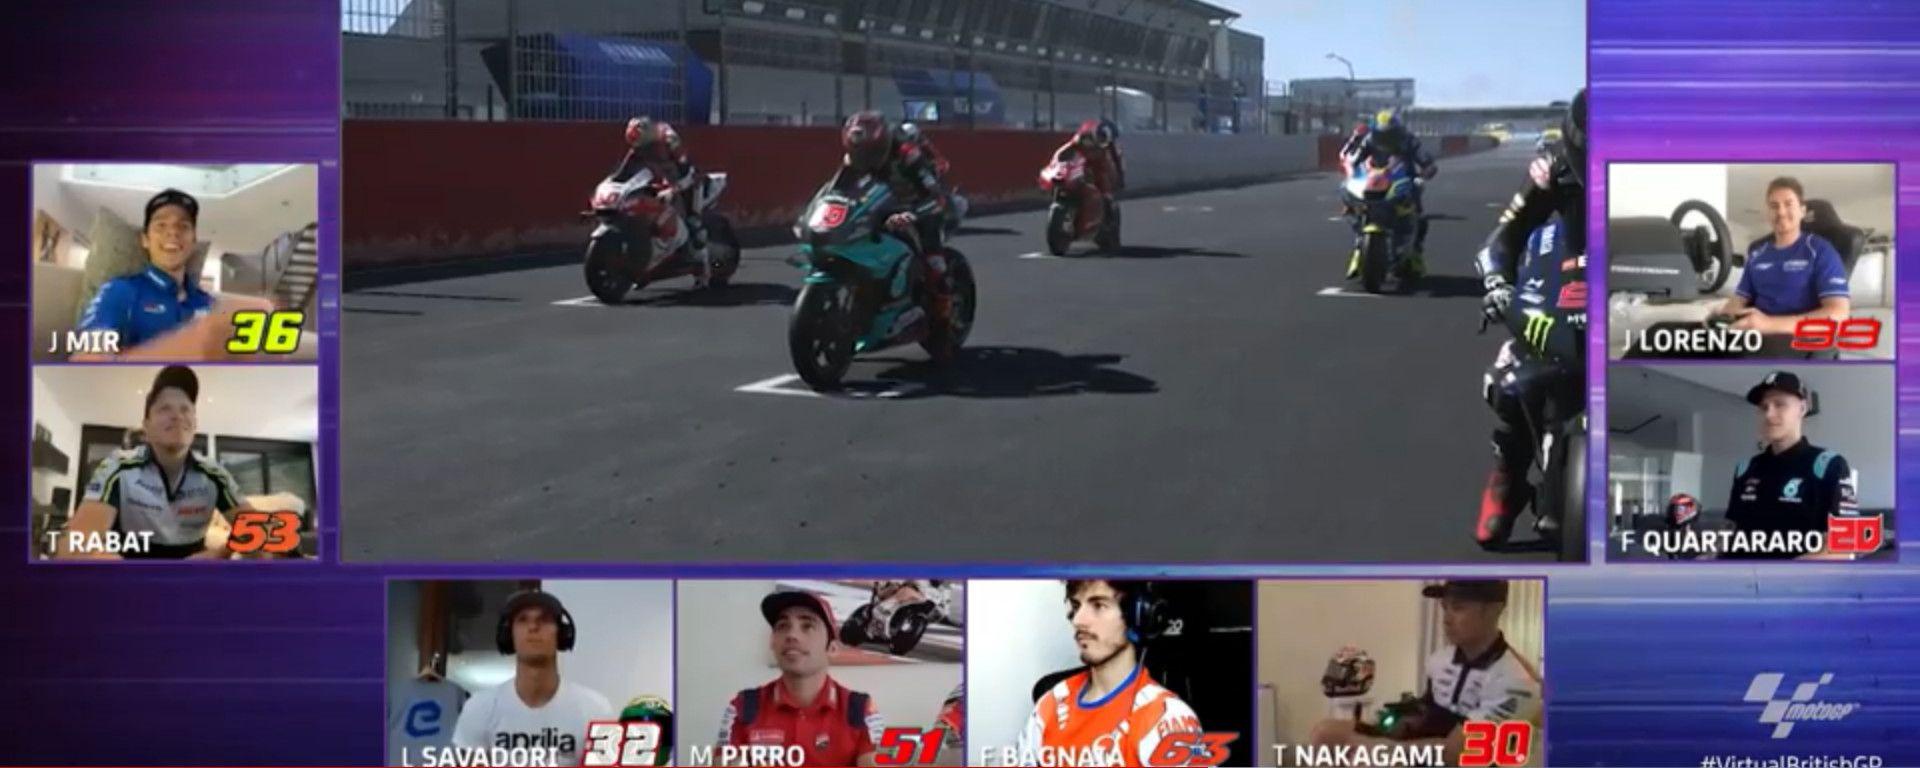 Vittoria a sorpresa nel Virtual MotoGP di Silverstone